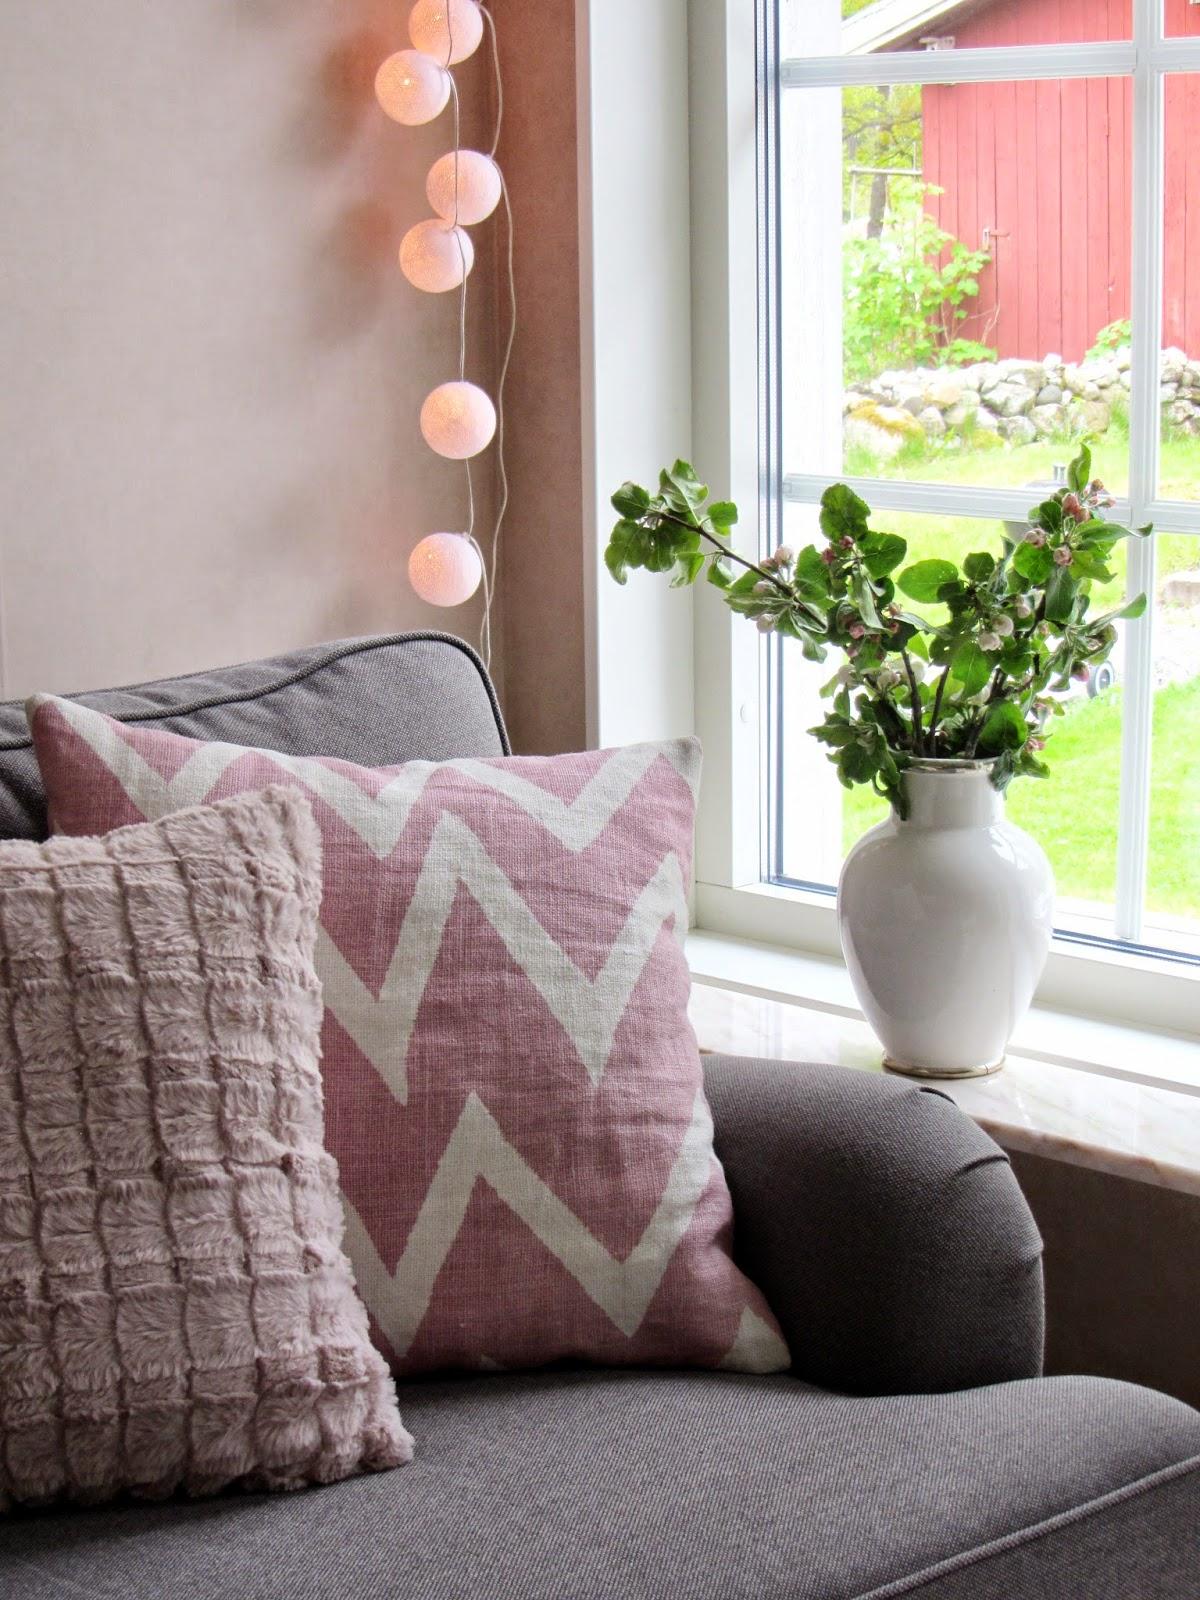 Sofis husdrömmar: rosa vardagsrum och lite trädgårdstankar.